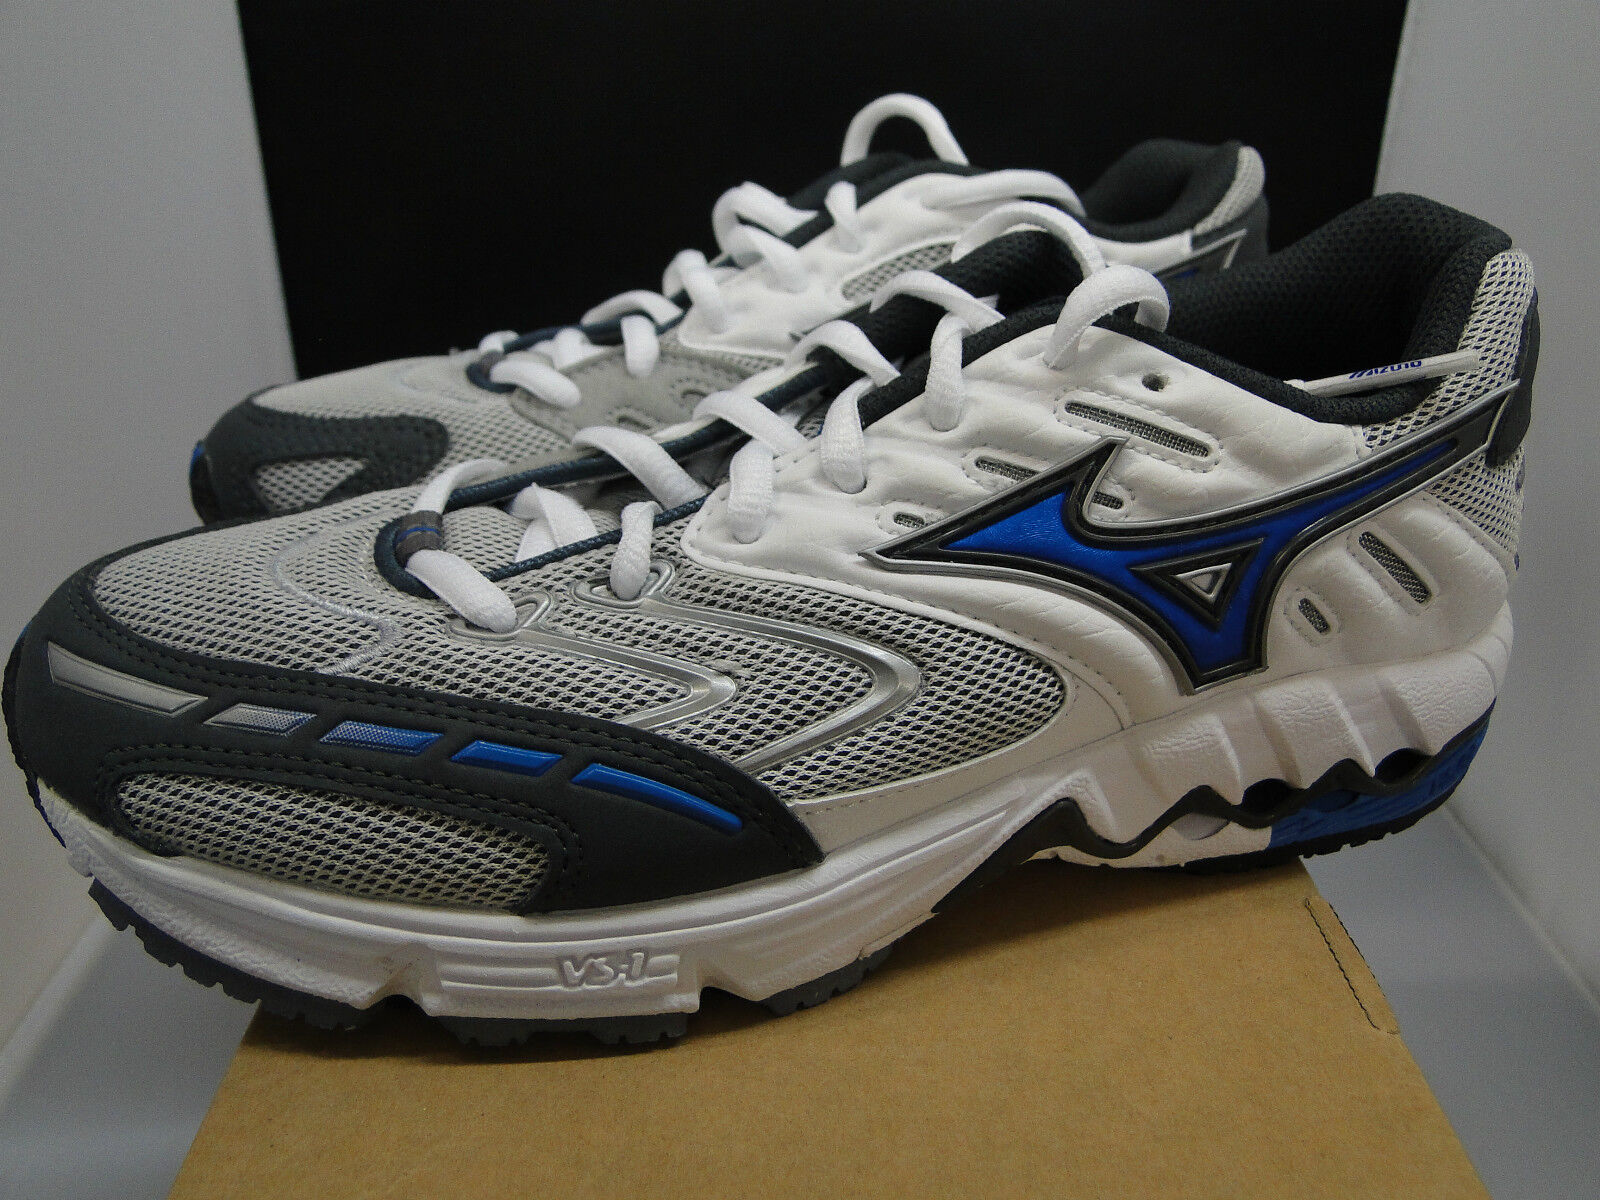 MIZUNO WAVE ALCHEMY III  femmes  Running Trainers  blanc  bleu4